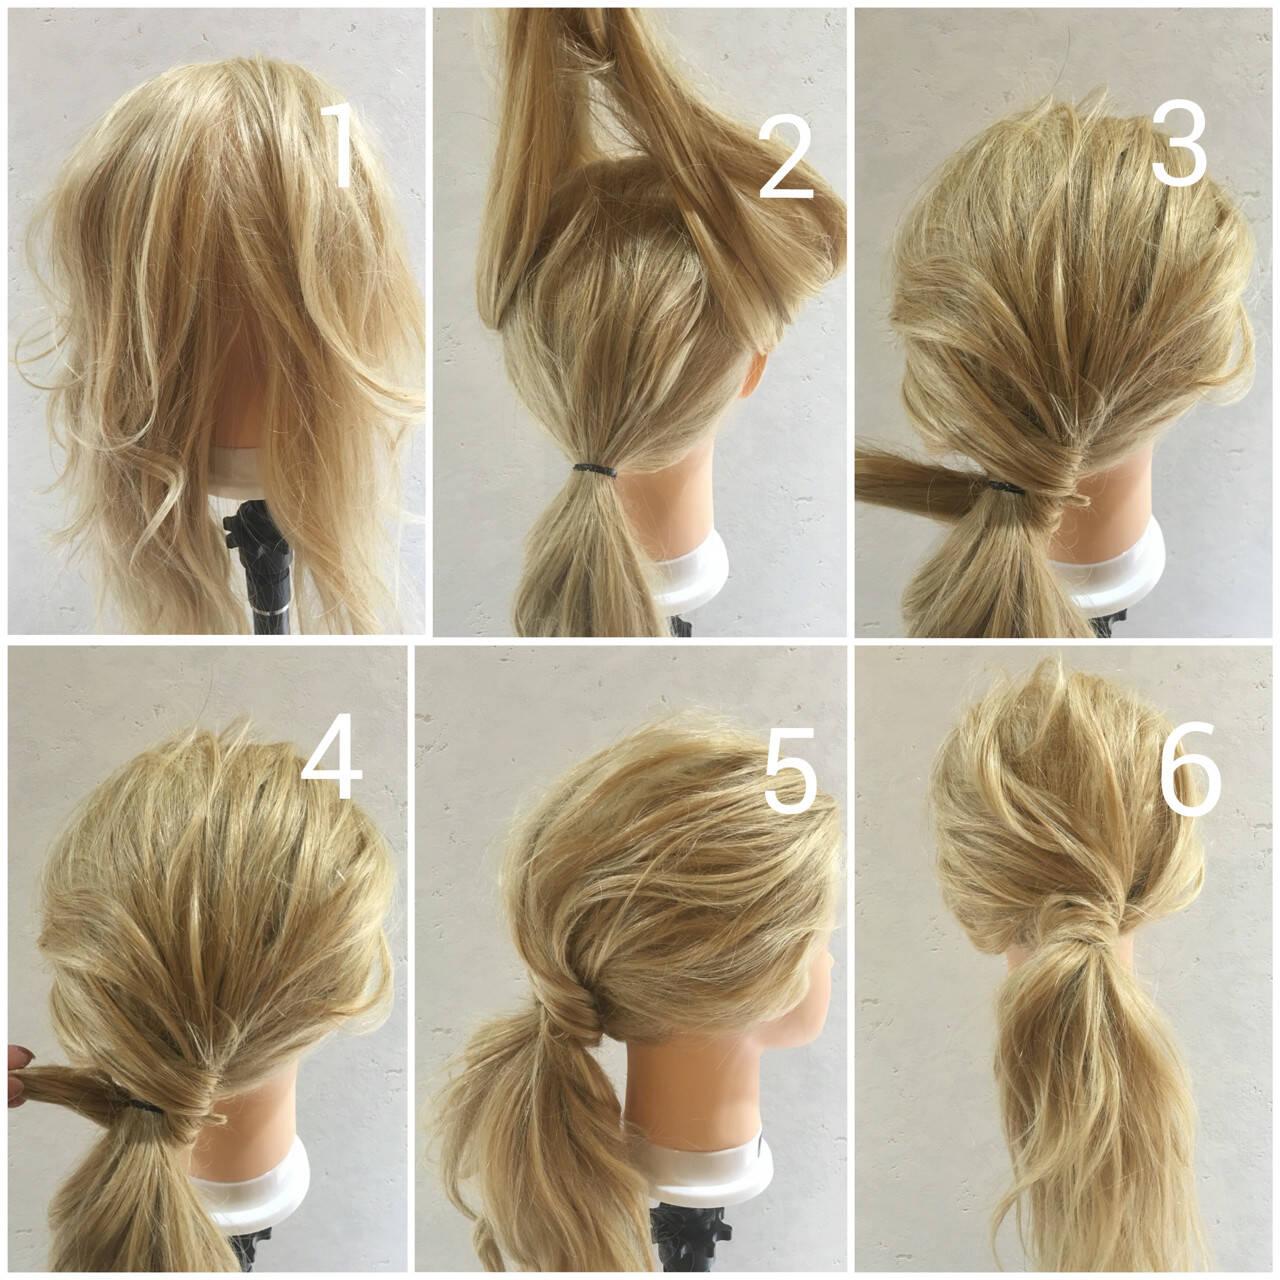 ゆるふわ 簡単ヘアアレンジ ロング 外国人風ヘアスタイルや髪型の写真・画像